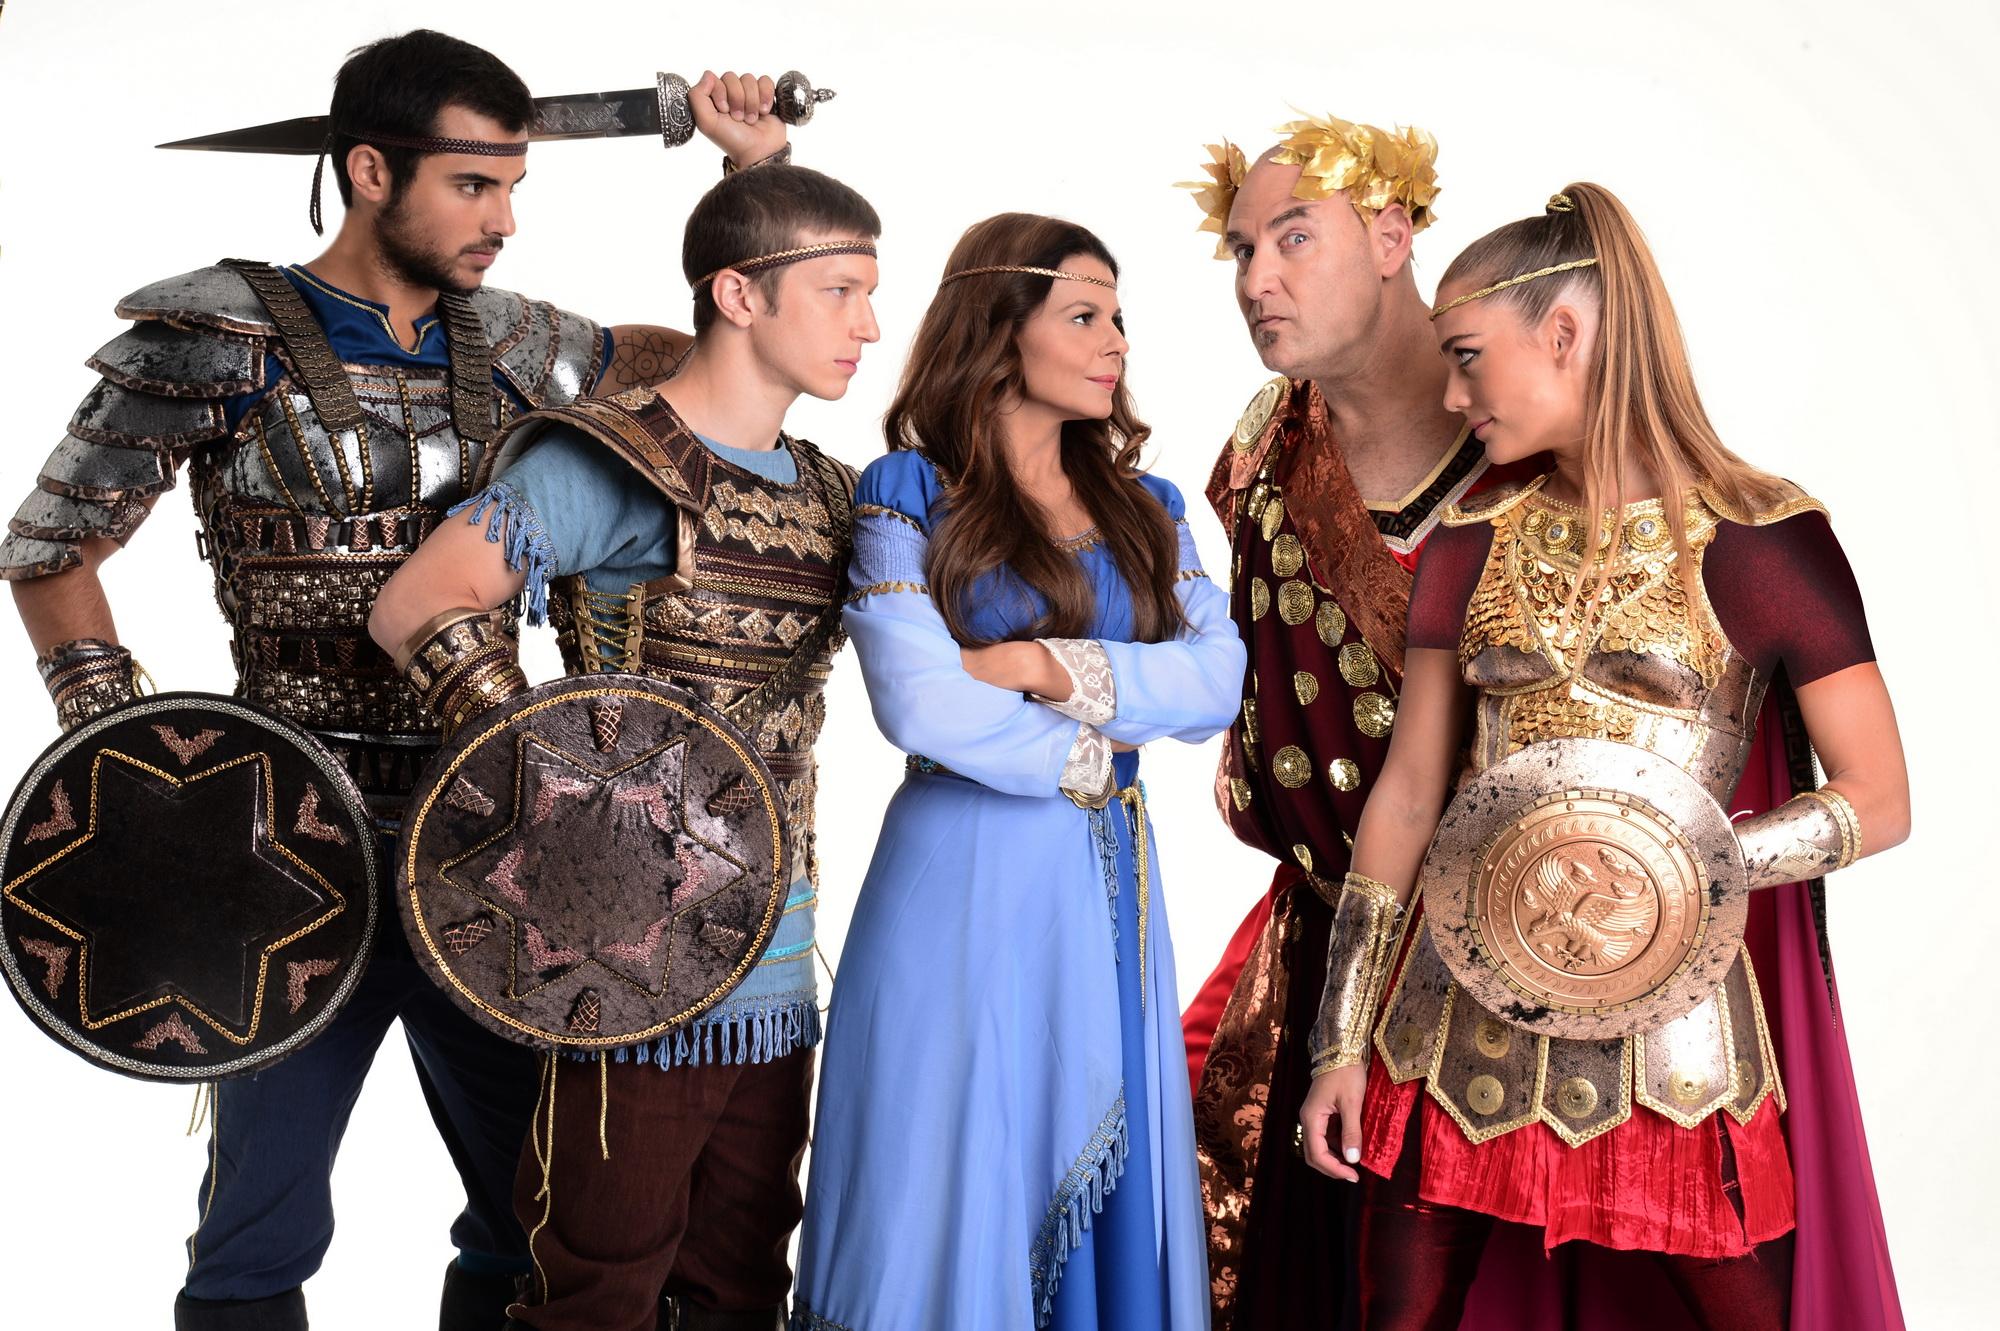 В дни праздника Ханука: звезды израильской поп-музыки в оригинальном мюзикле «Маккавеи»!